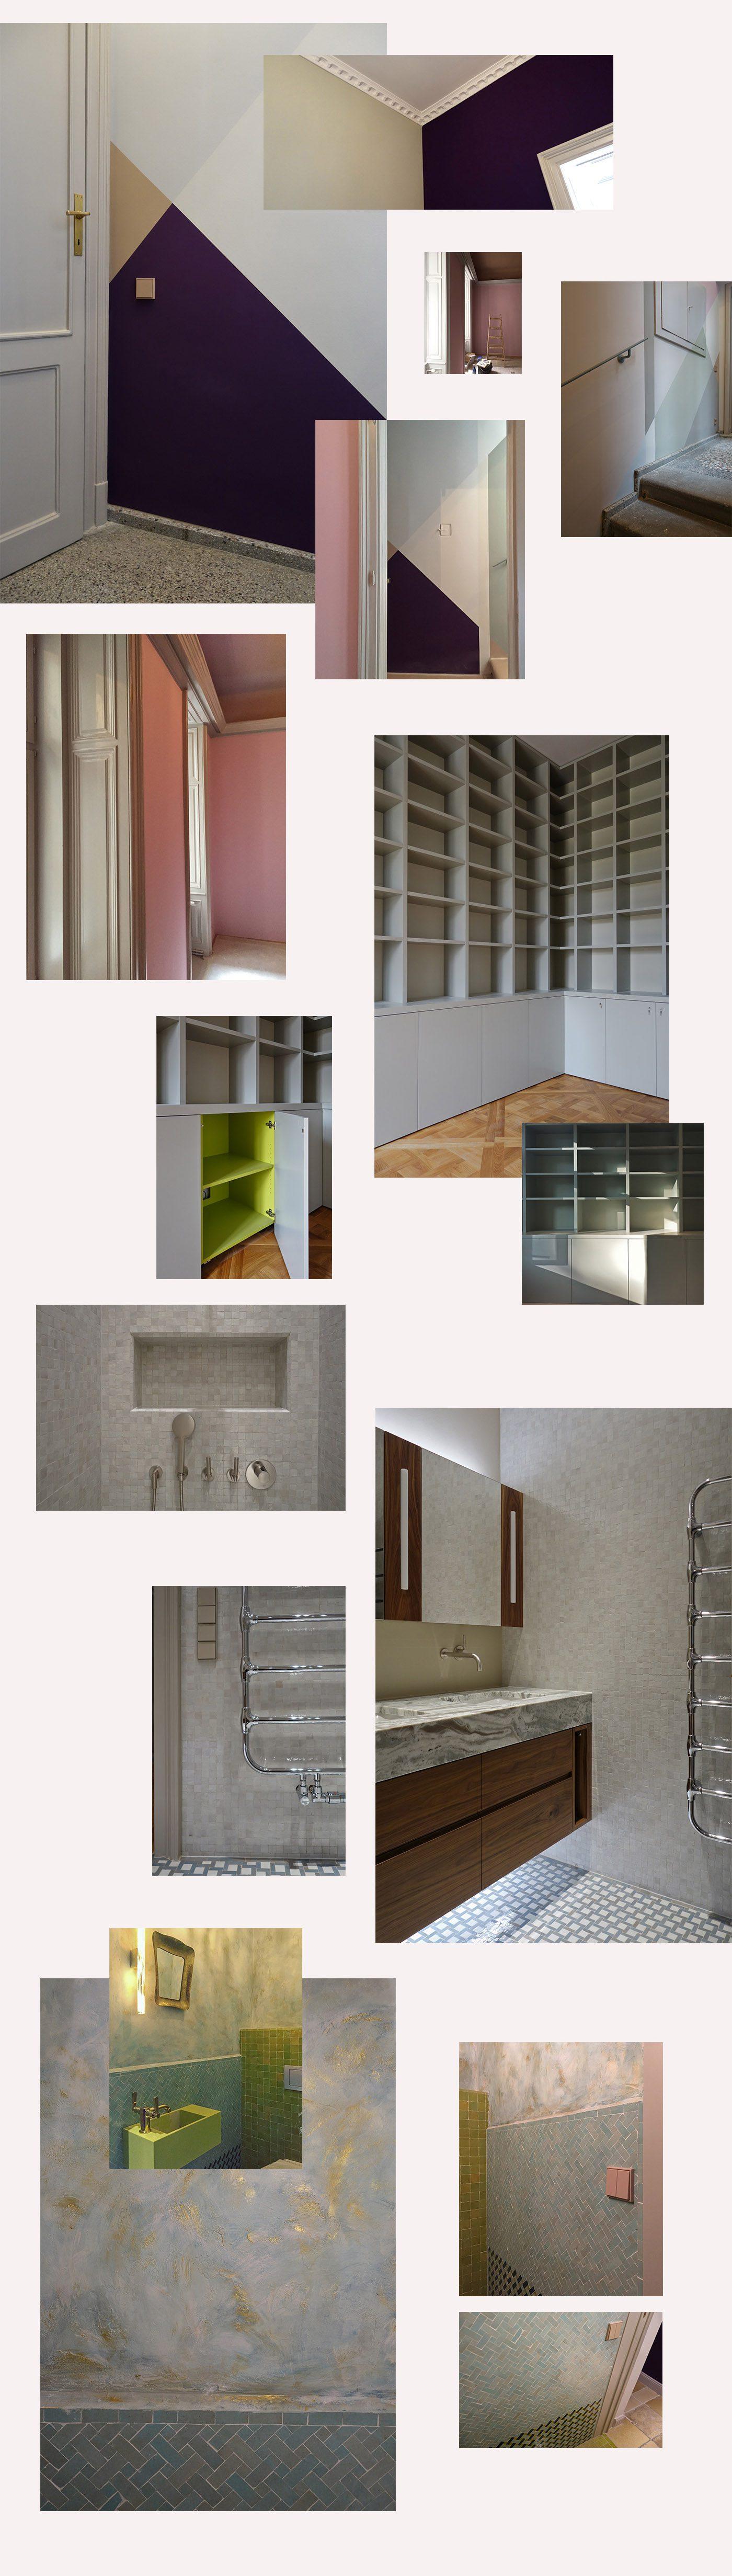 Projext Alt Wiener Residenz Bilder harry clark